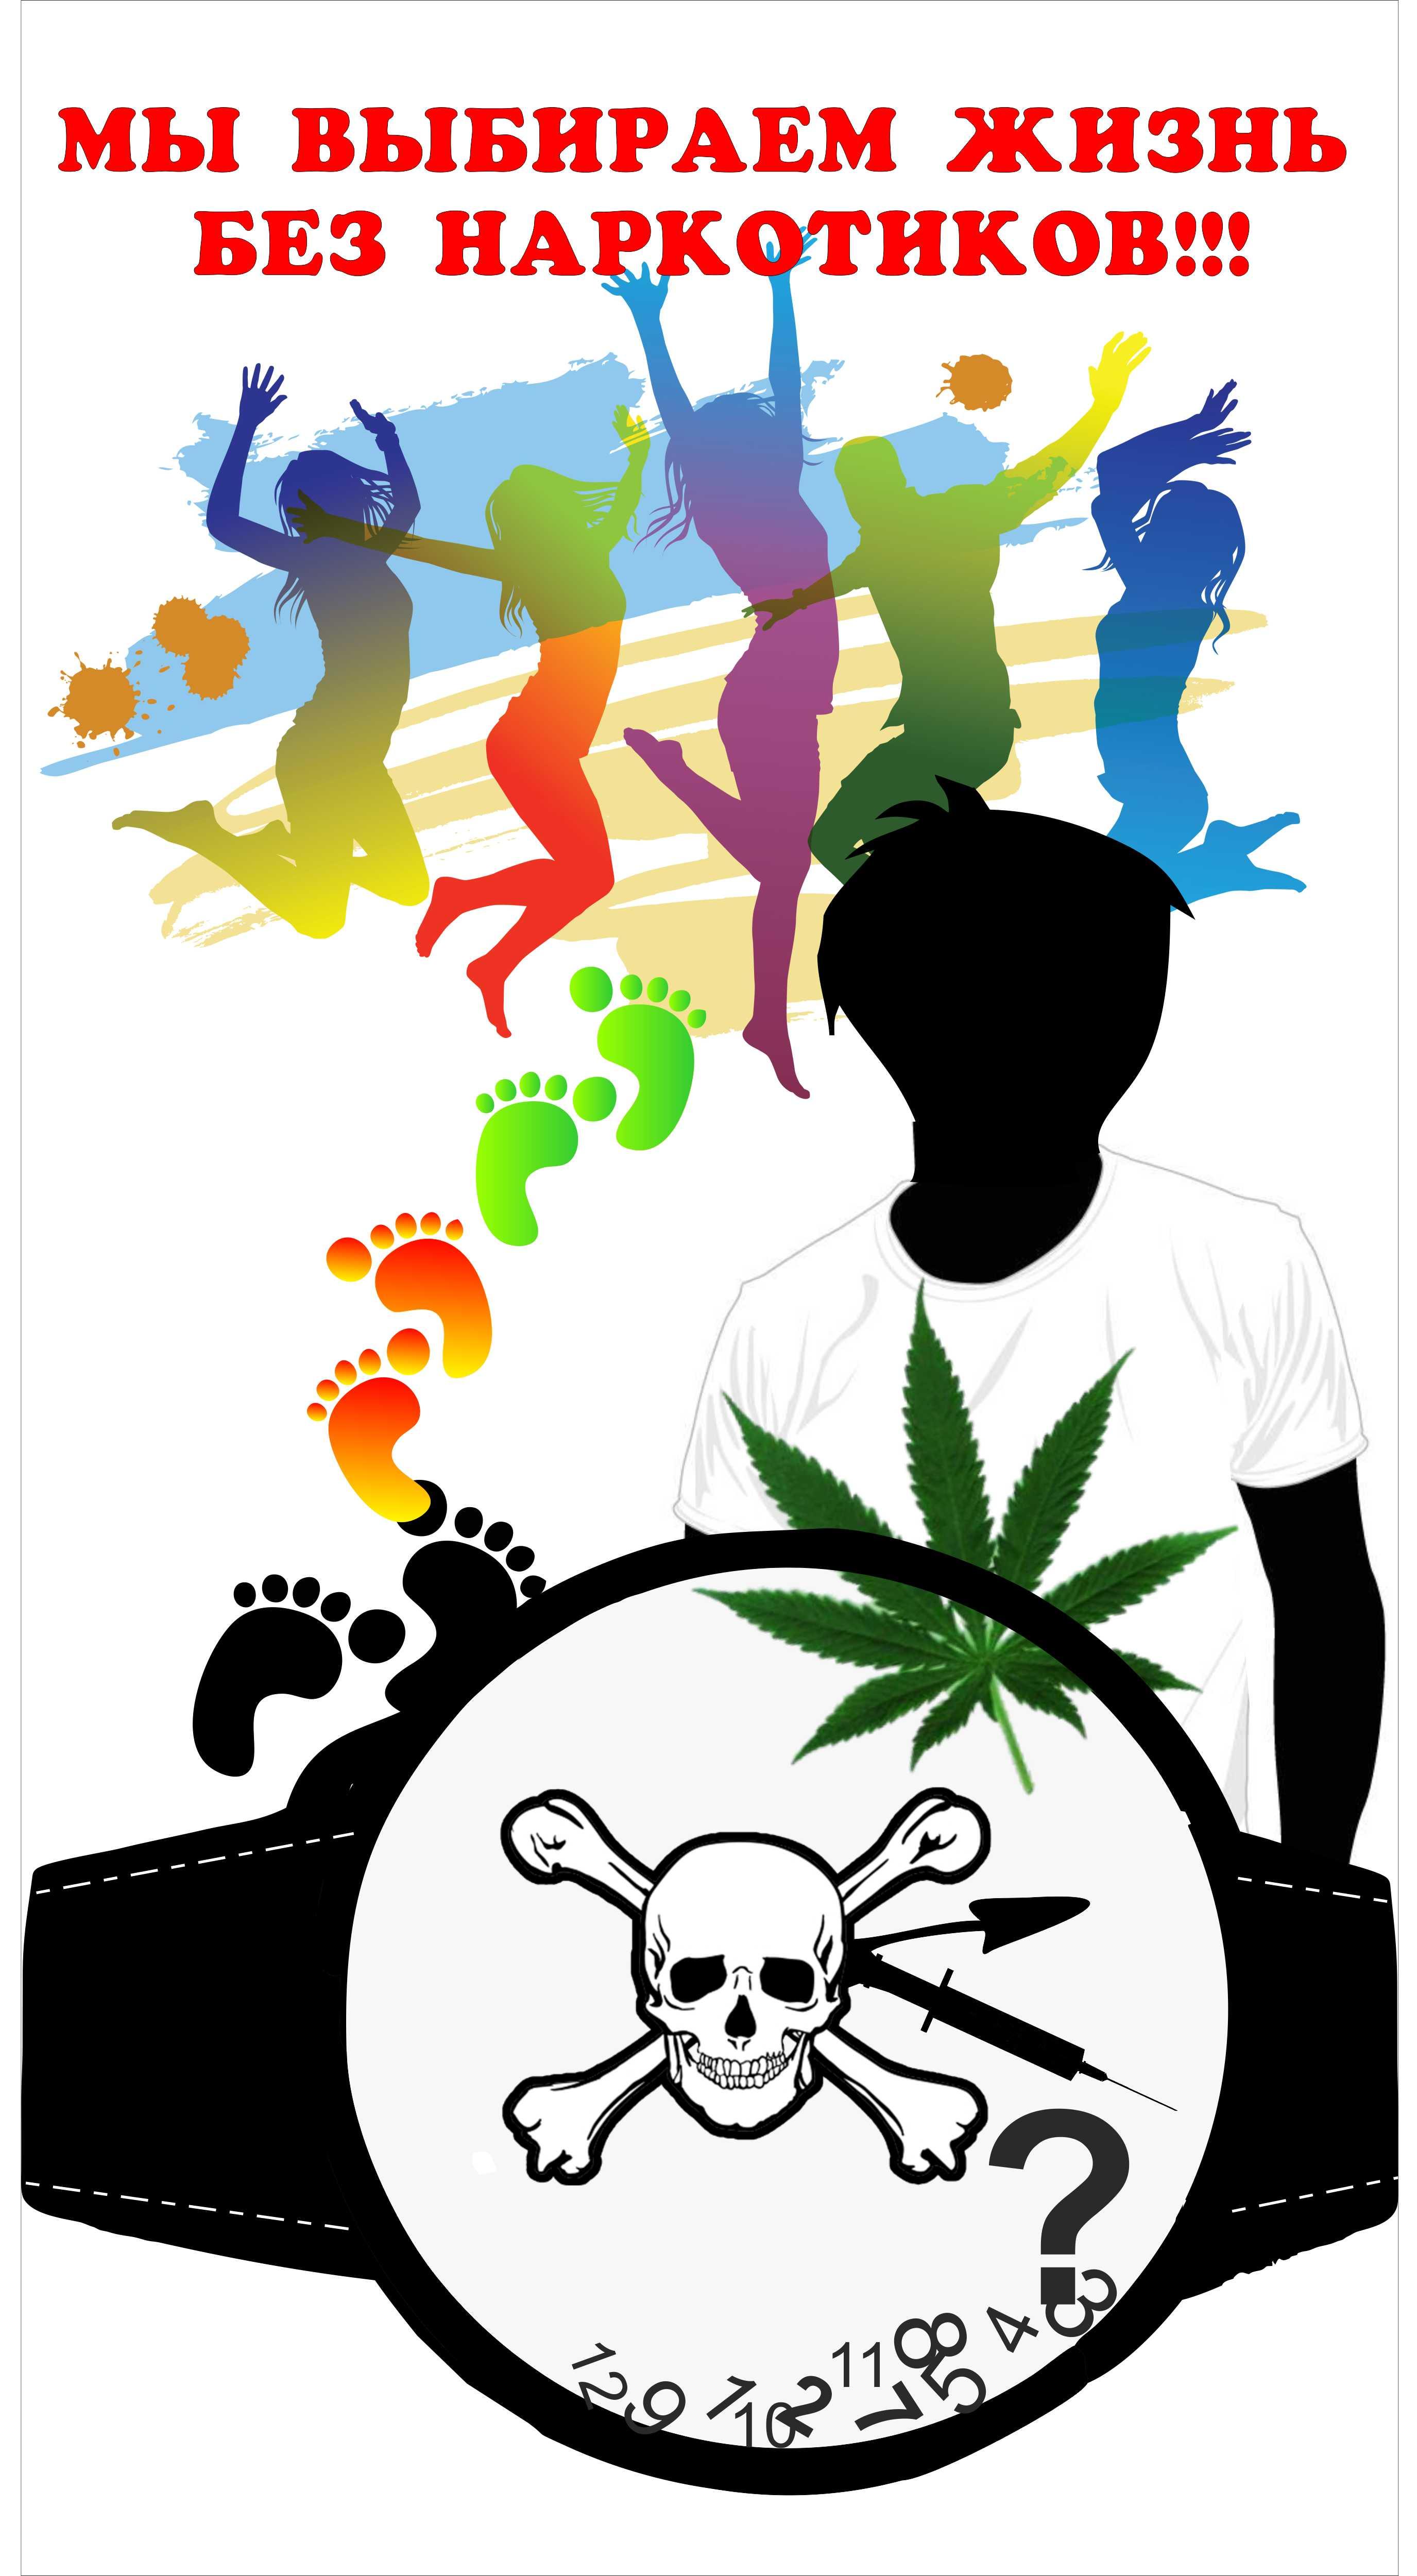 Картинки по наркомании здоровому образу жизни